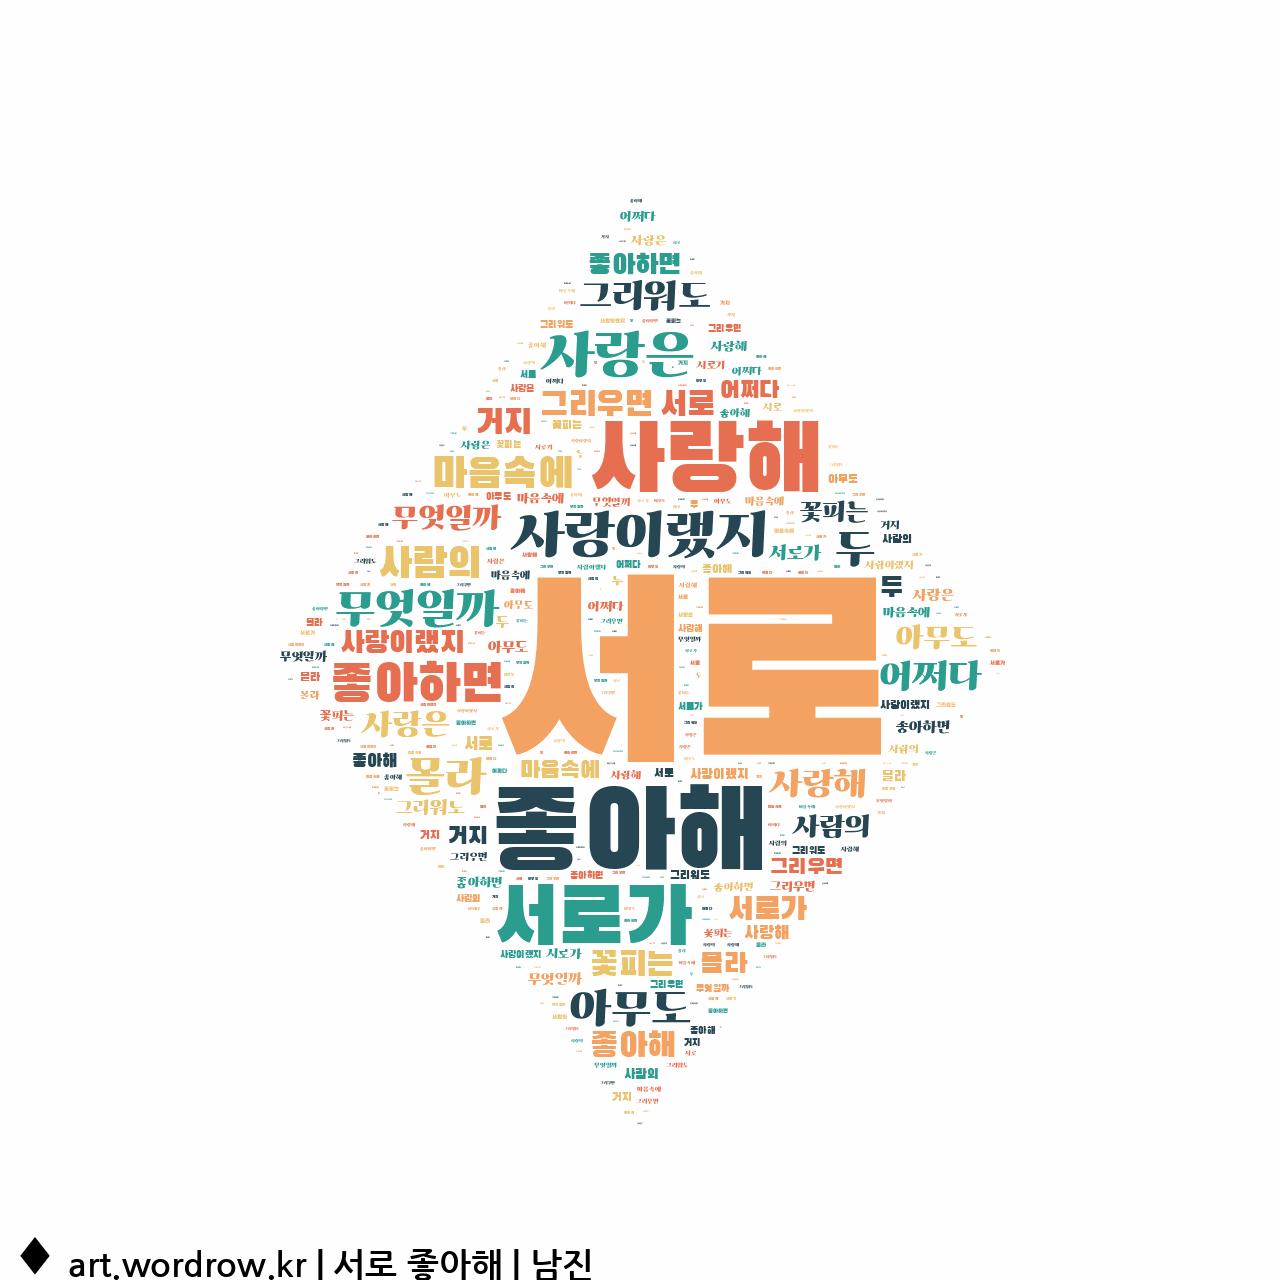 워드 아트: 서로 좋아해 [남진]-24